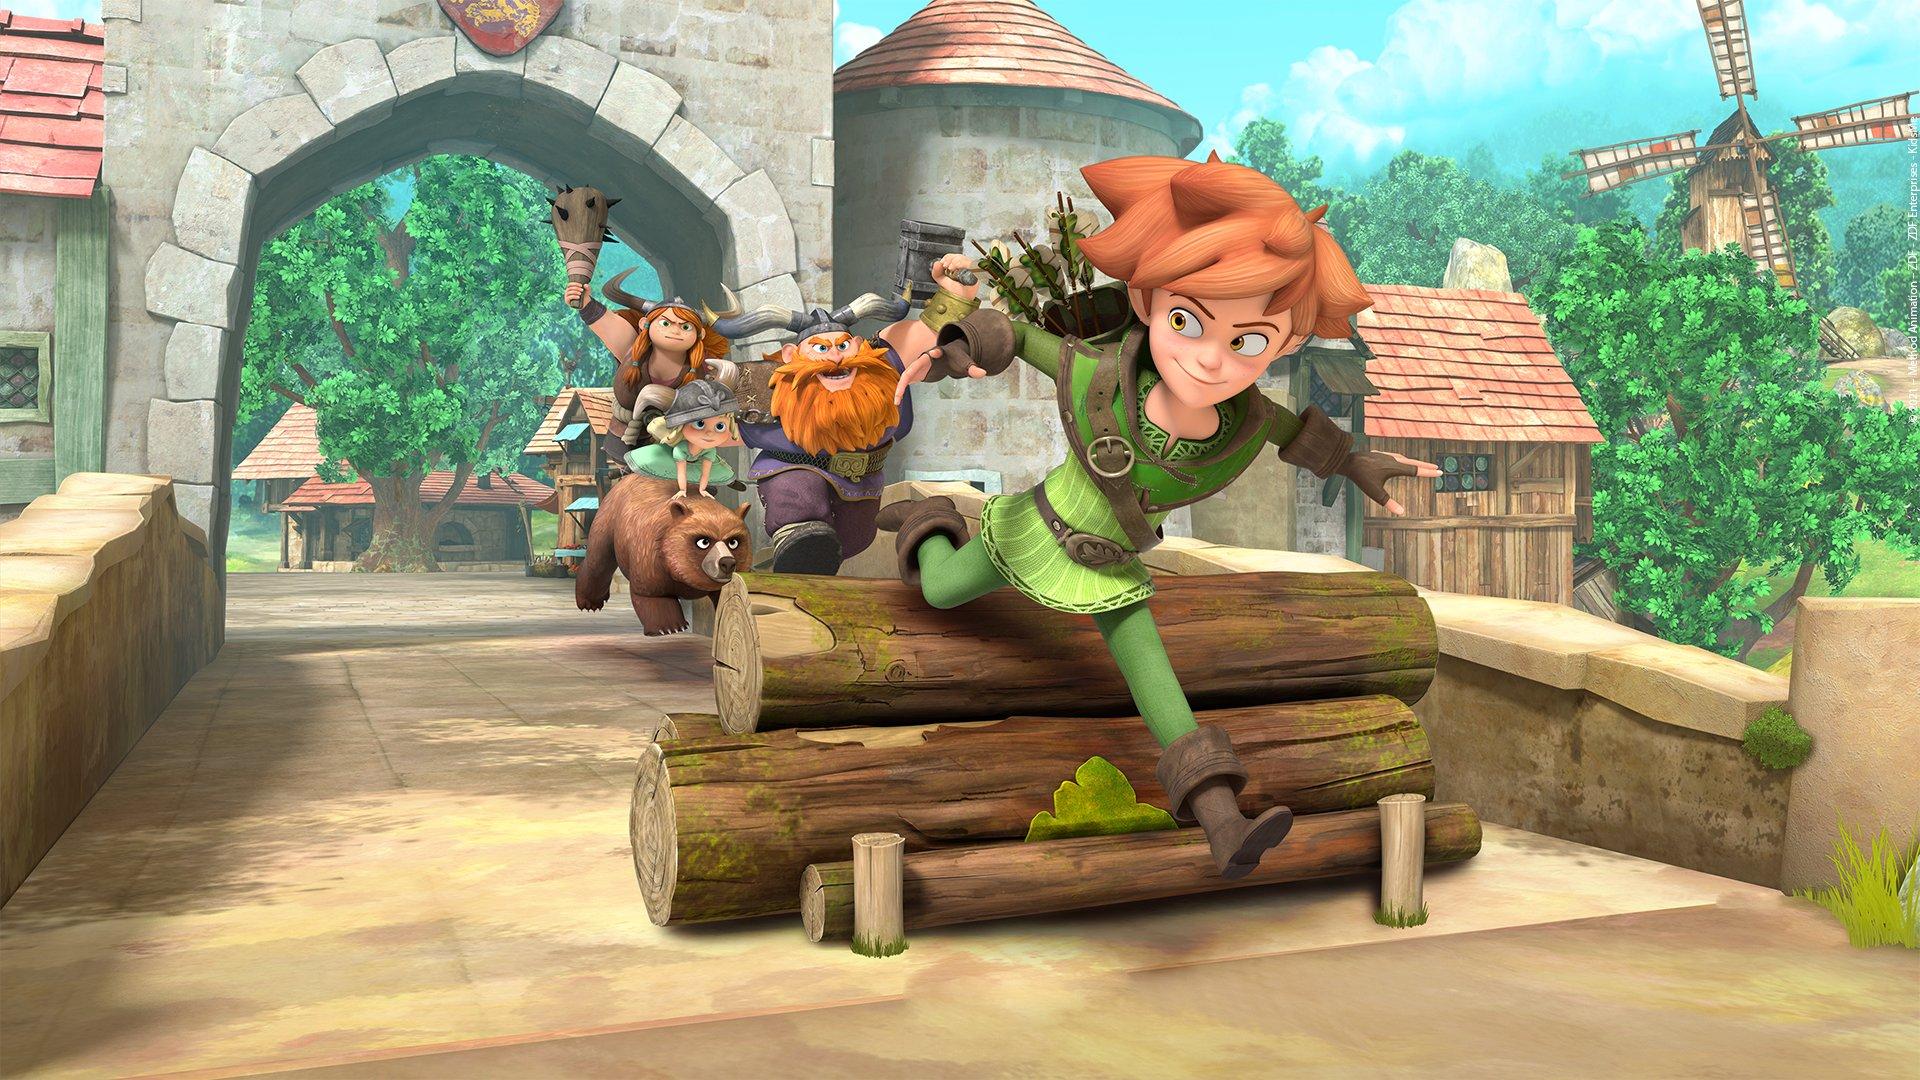 fond Robin des Bois - saison 3 - Le Prince Jean